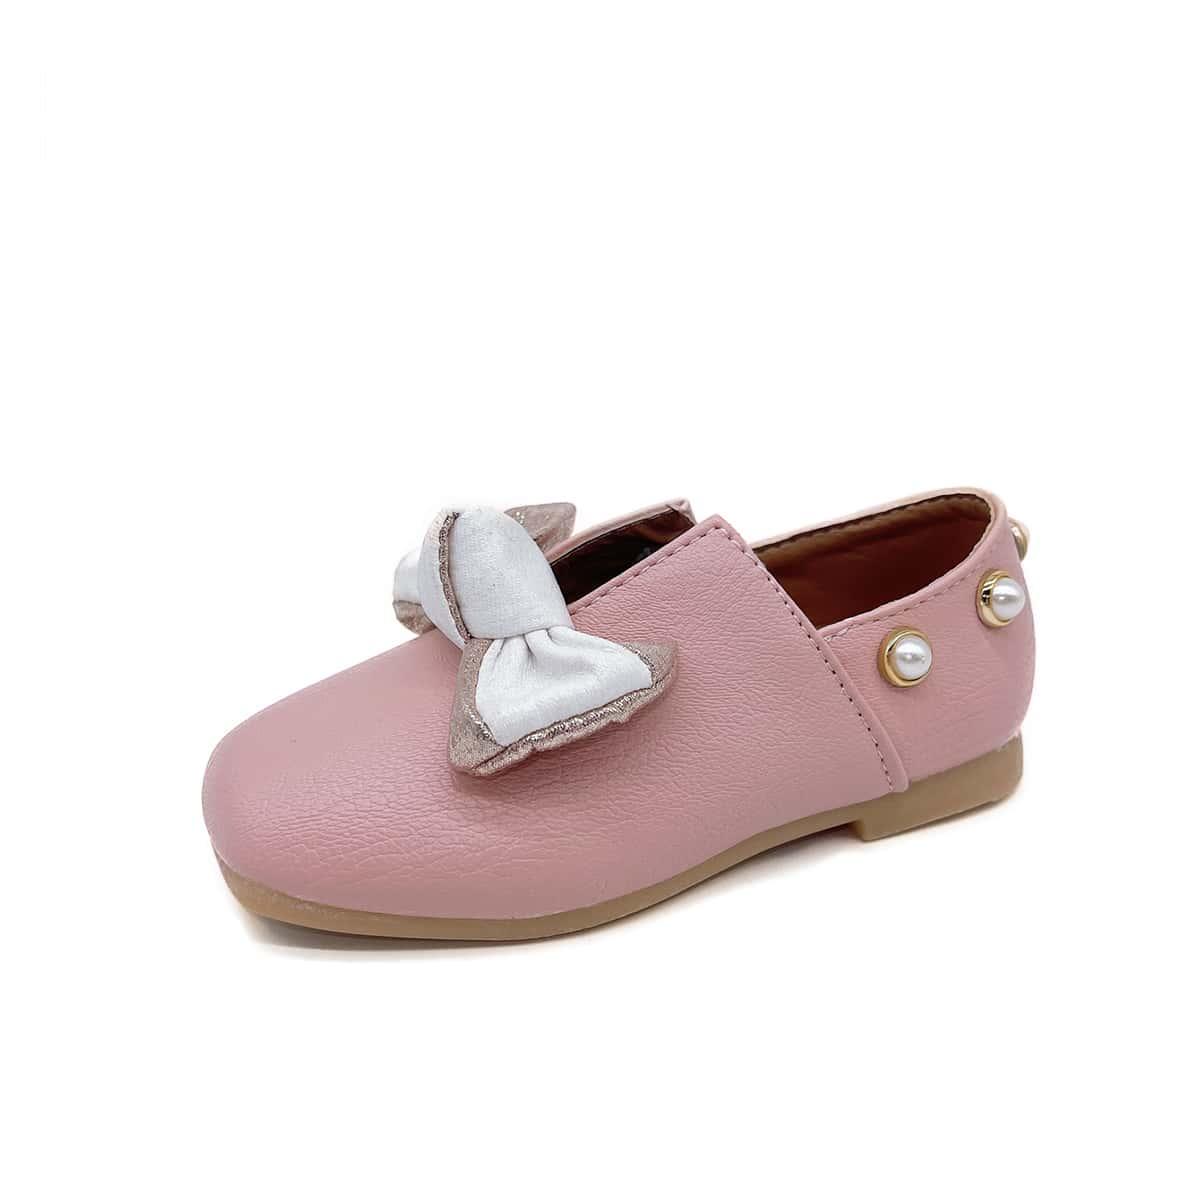 Туфли на плоской подошве с искусственным жемчугом и бантом для девочек от SHEIN